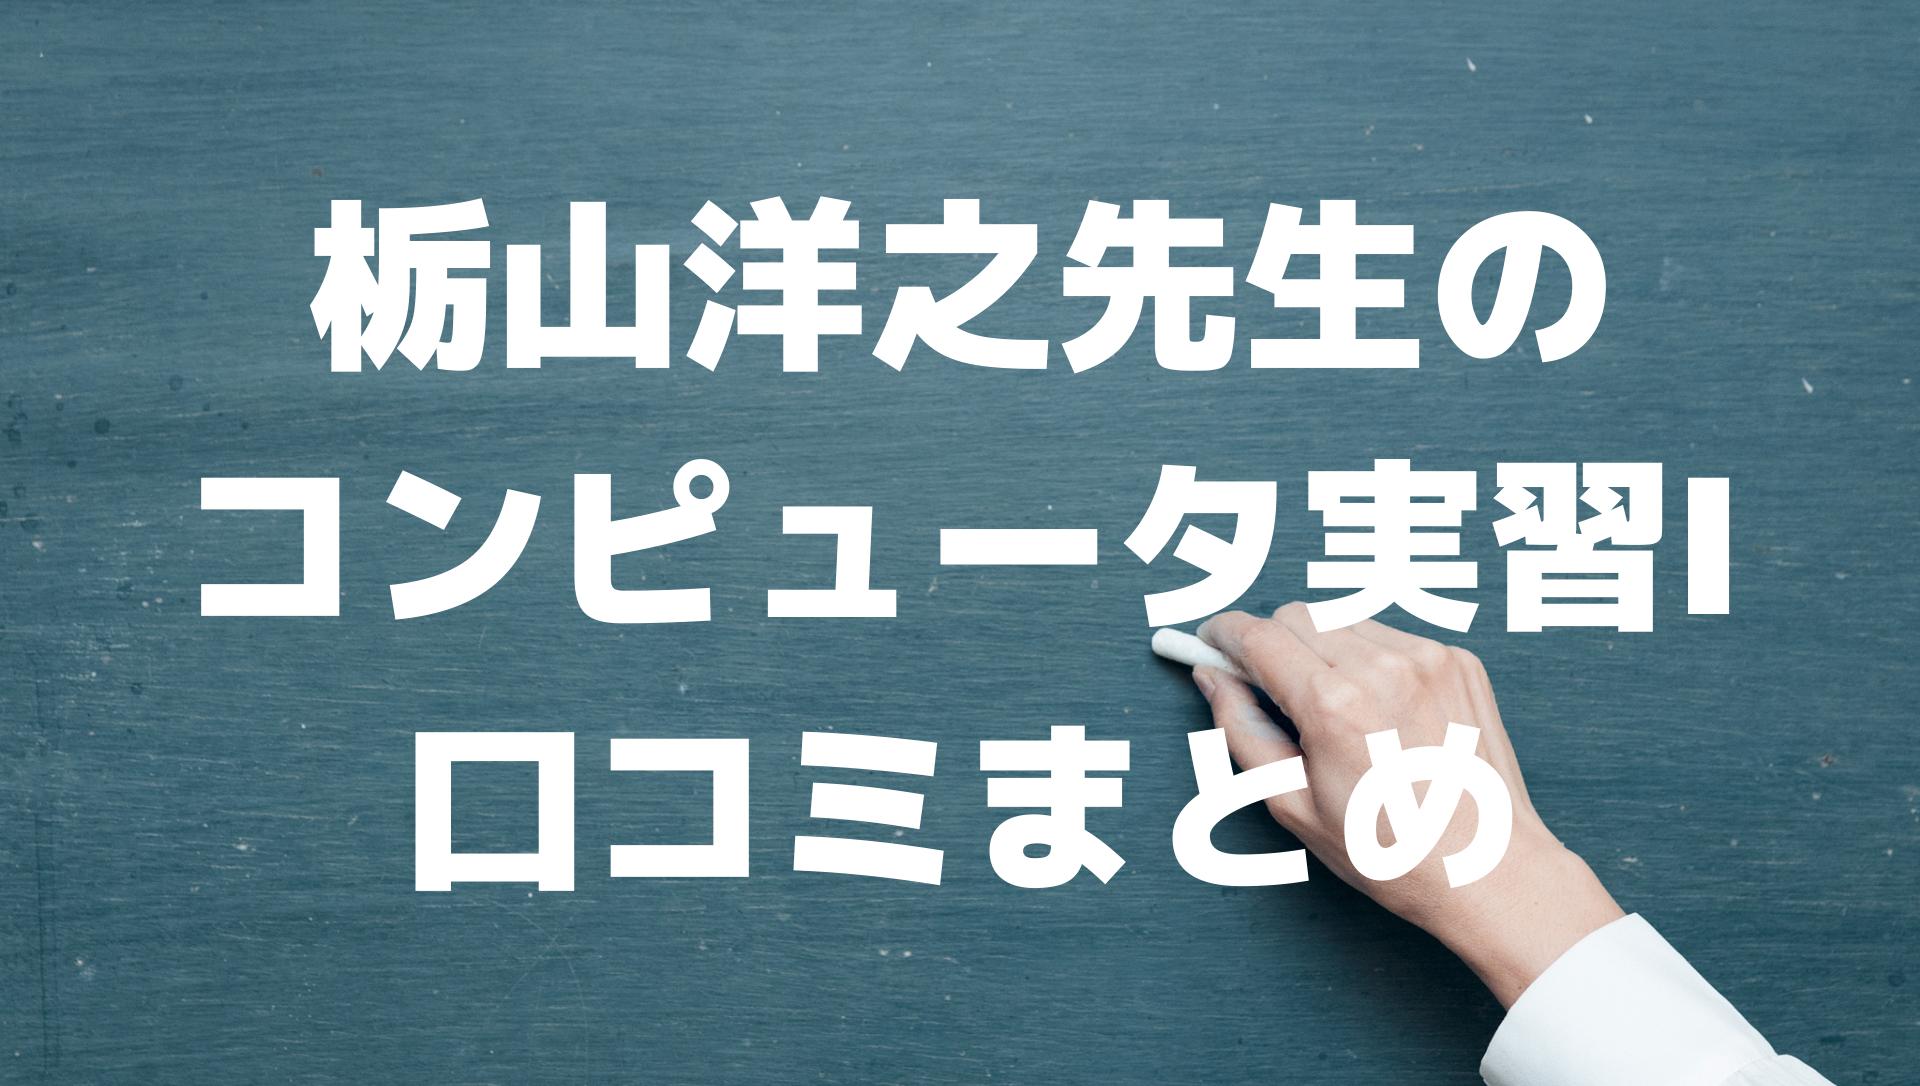 栃山洋之先生のコンピュータ実習I